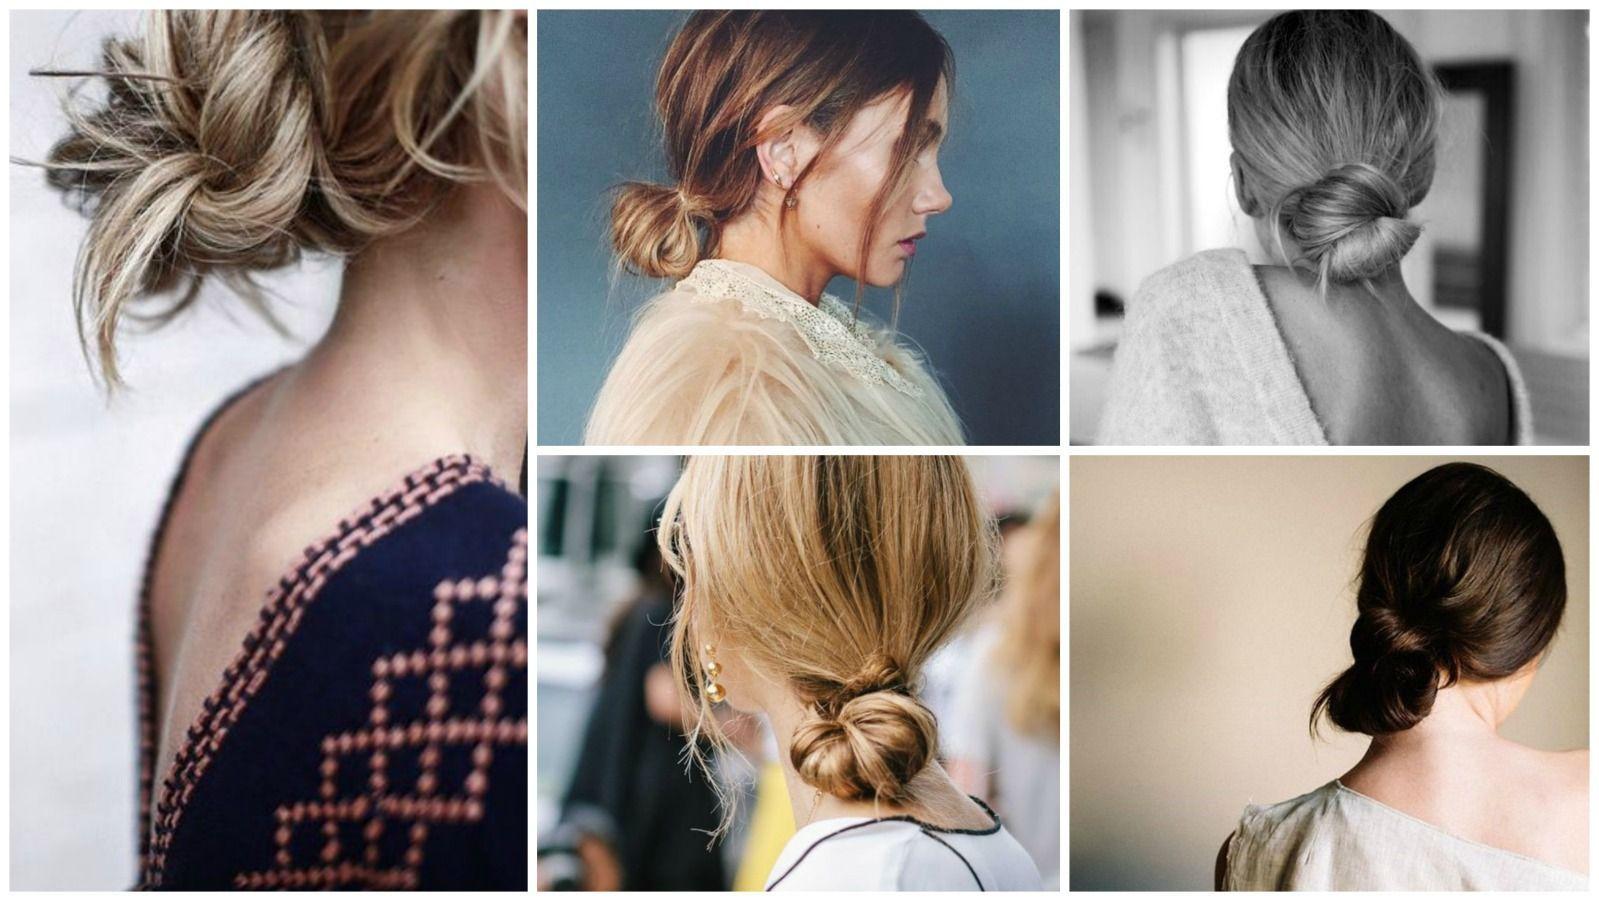 Easy mom hair low knot easyhairstylesstepbystep easy hairstyles